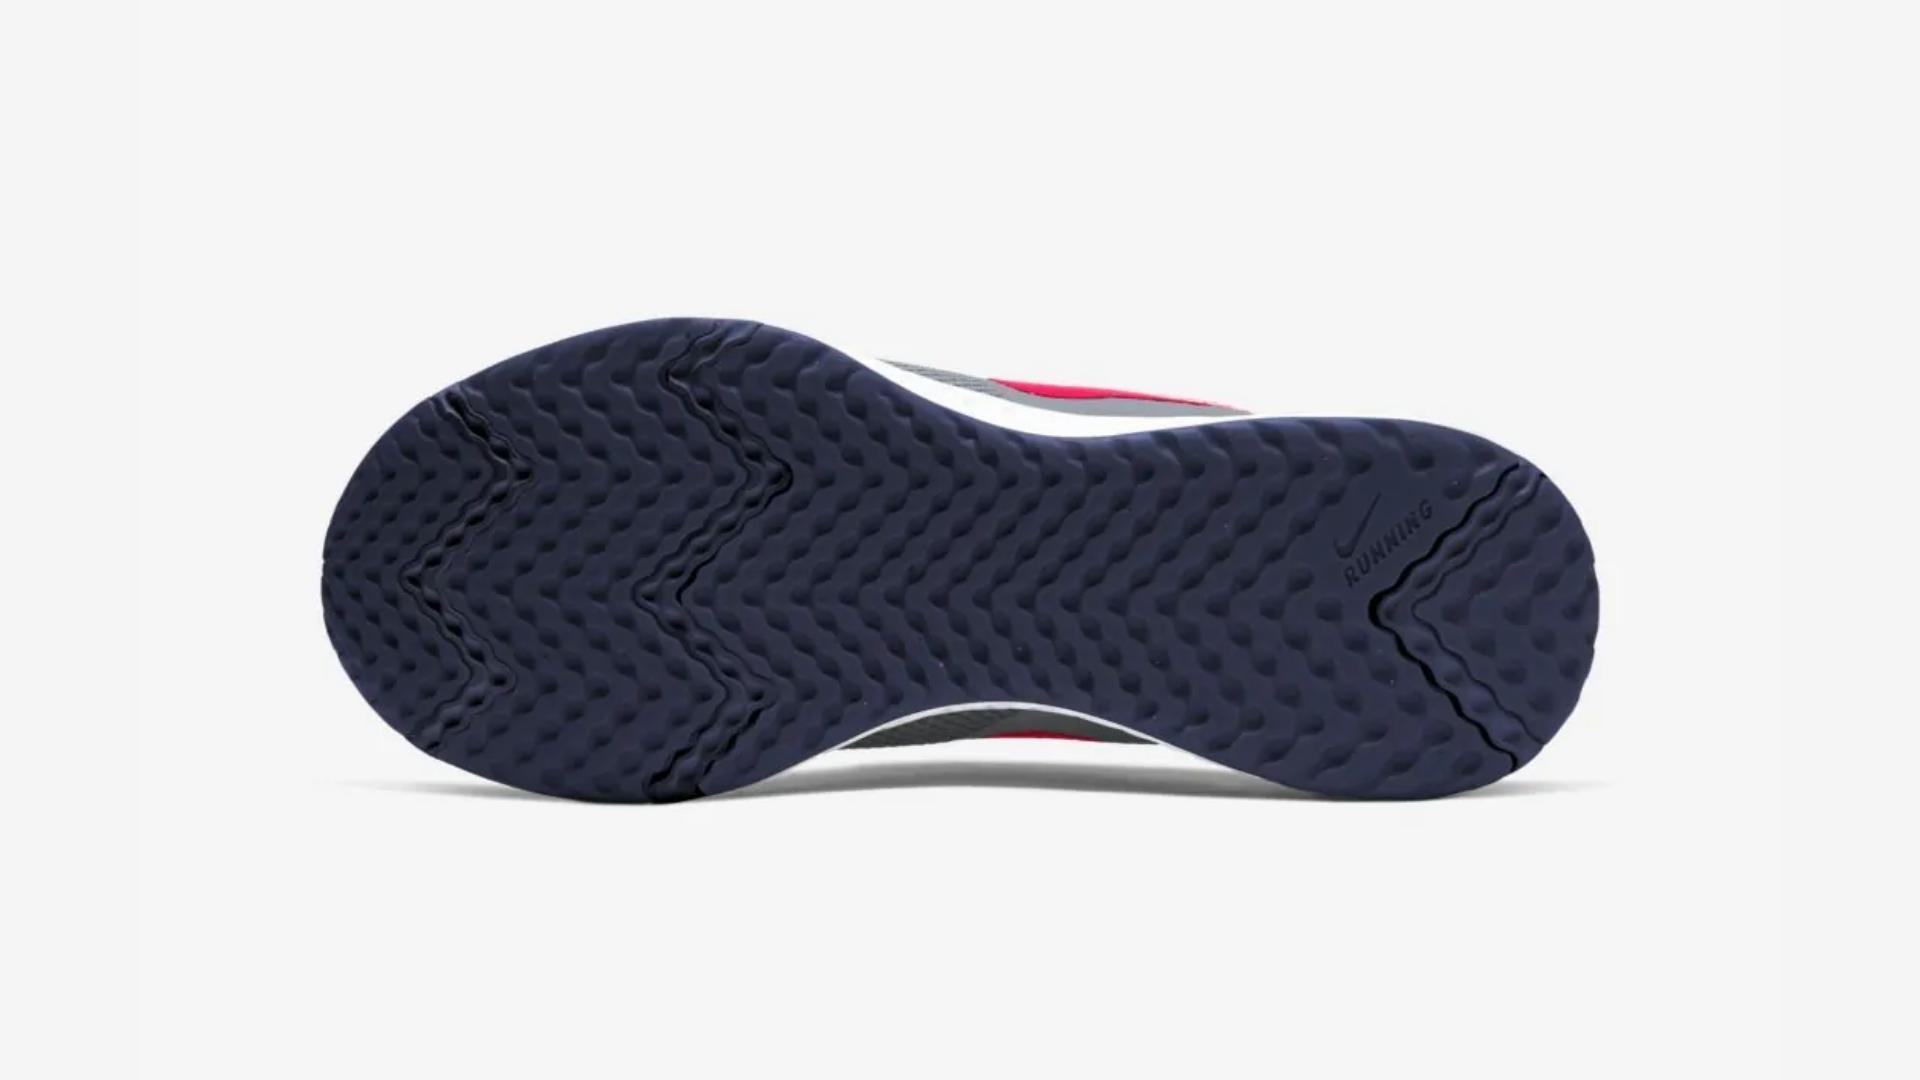 O Nike Revolution 5 traz entressola com borracha macia (Imagem: Divulgação/Nike)